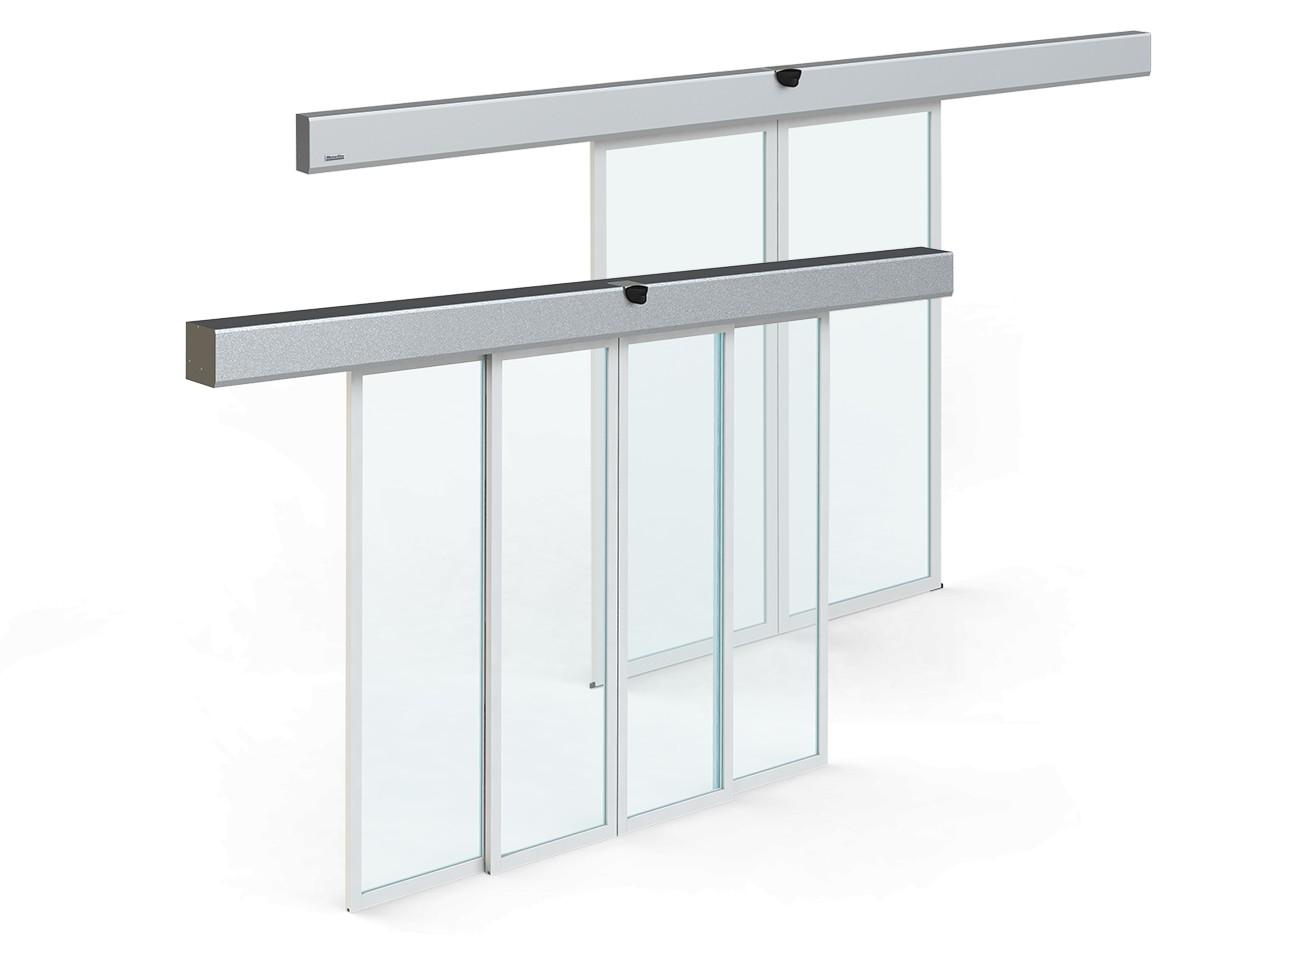 Precio puerta corredera automatica vidrio